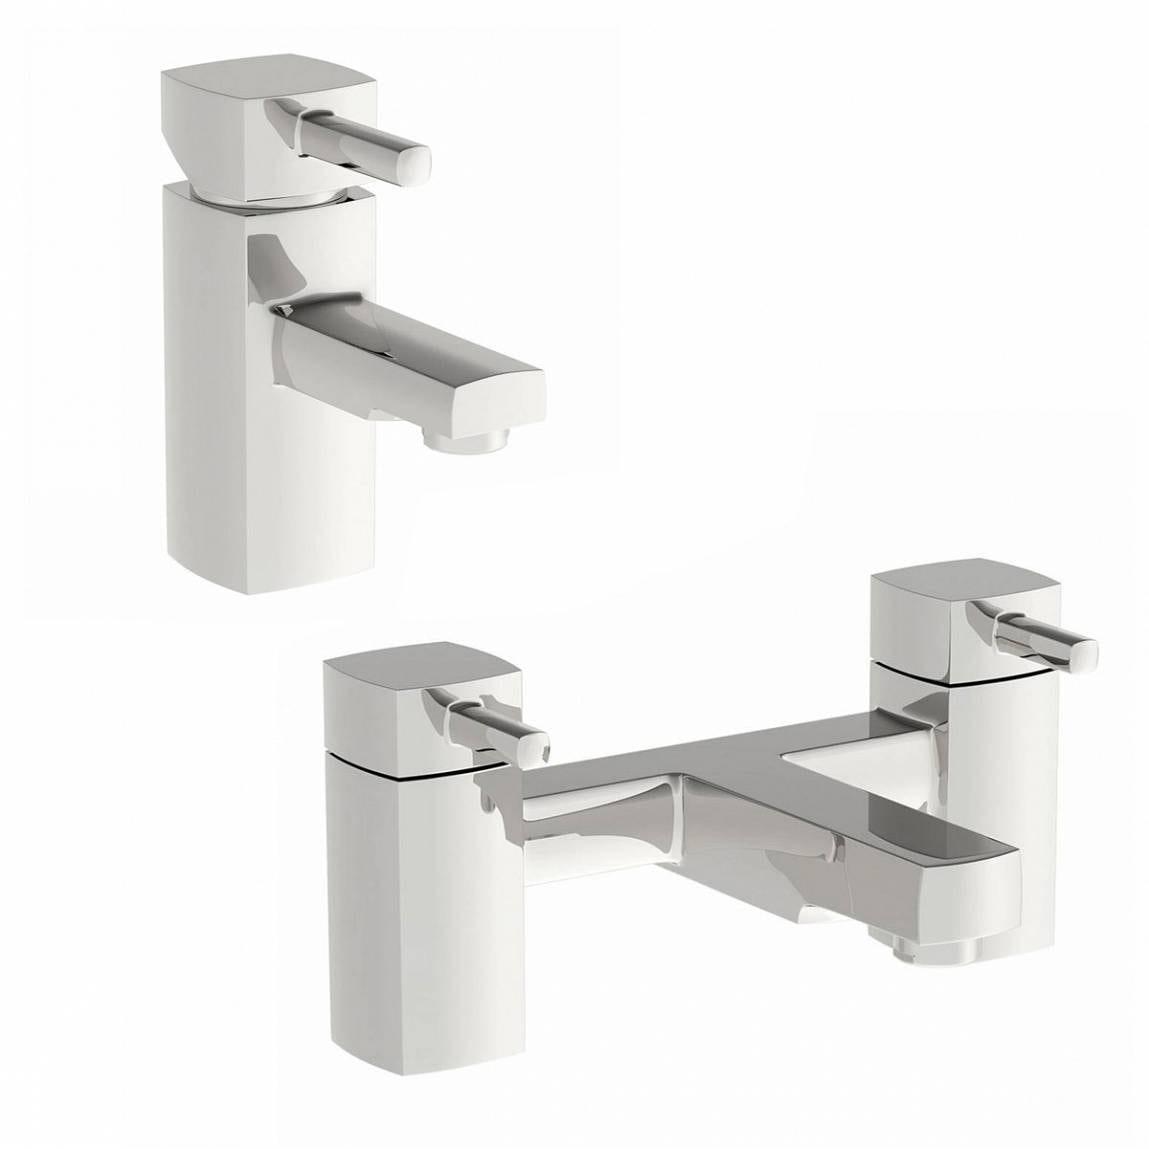 Derwent Basin and Bath Mixer Pack